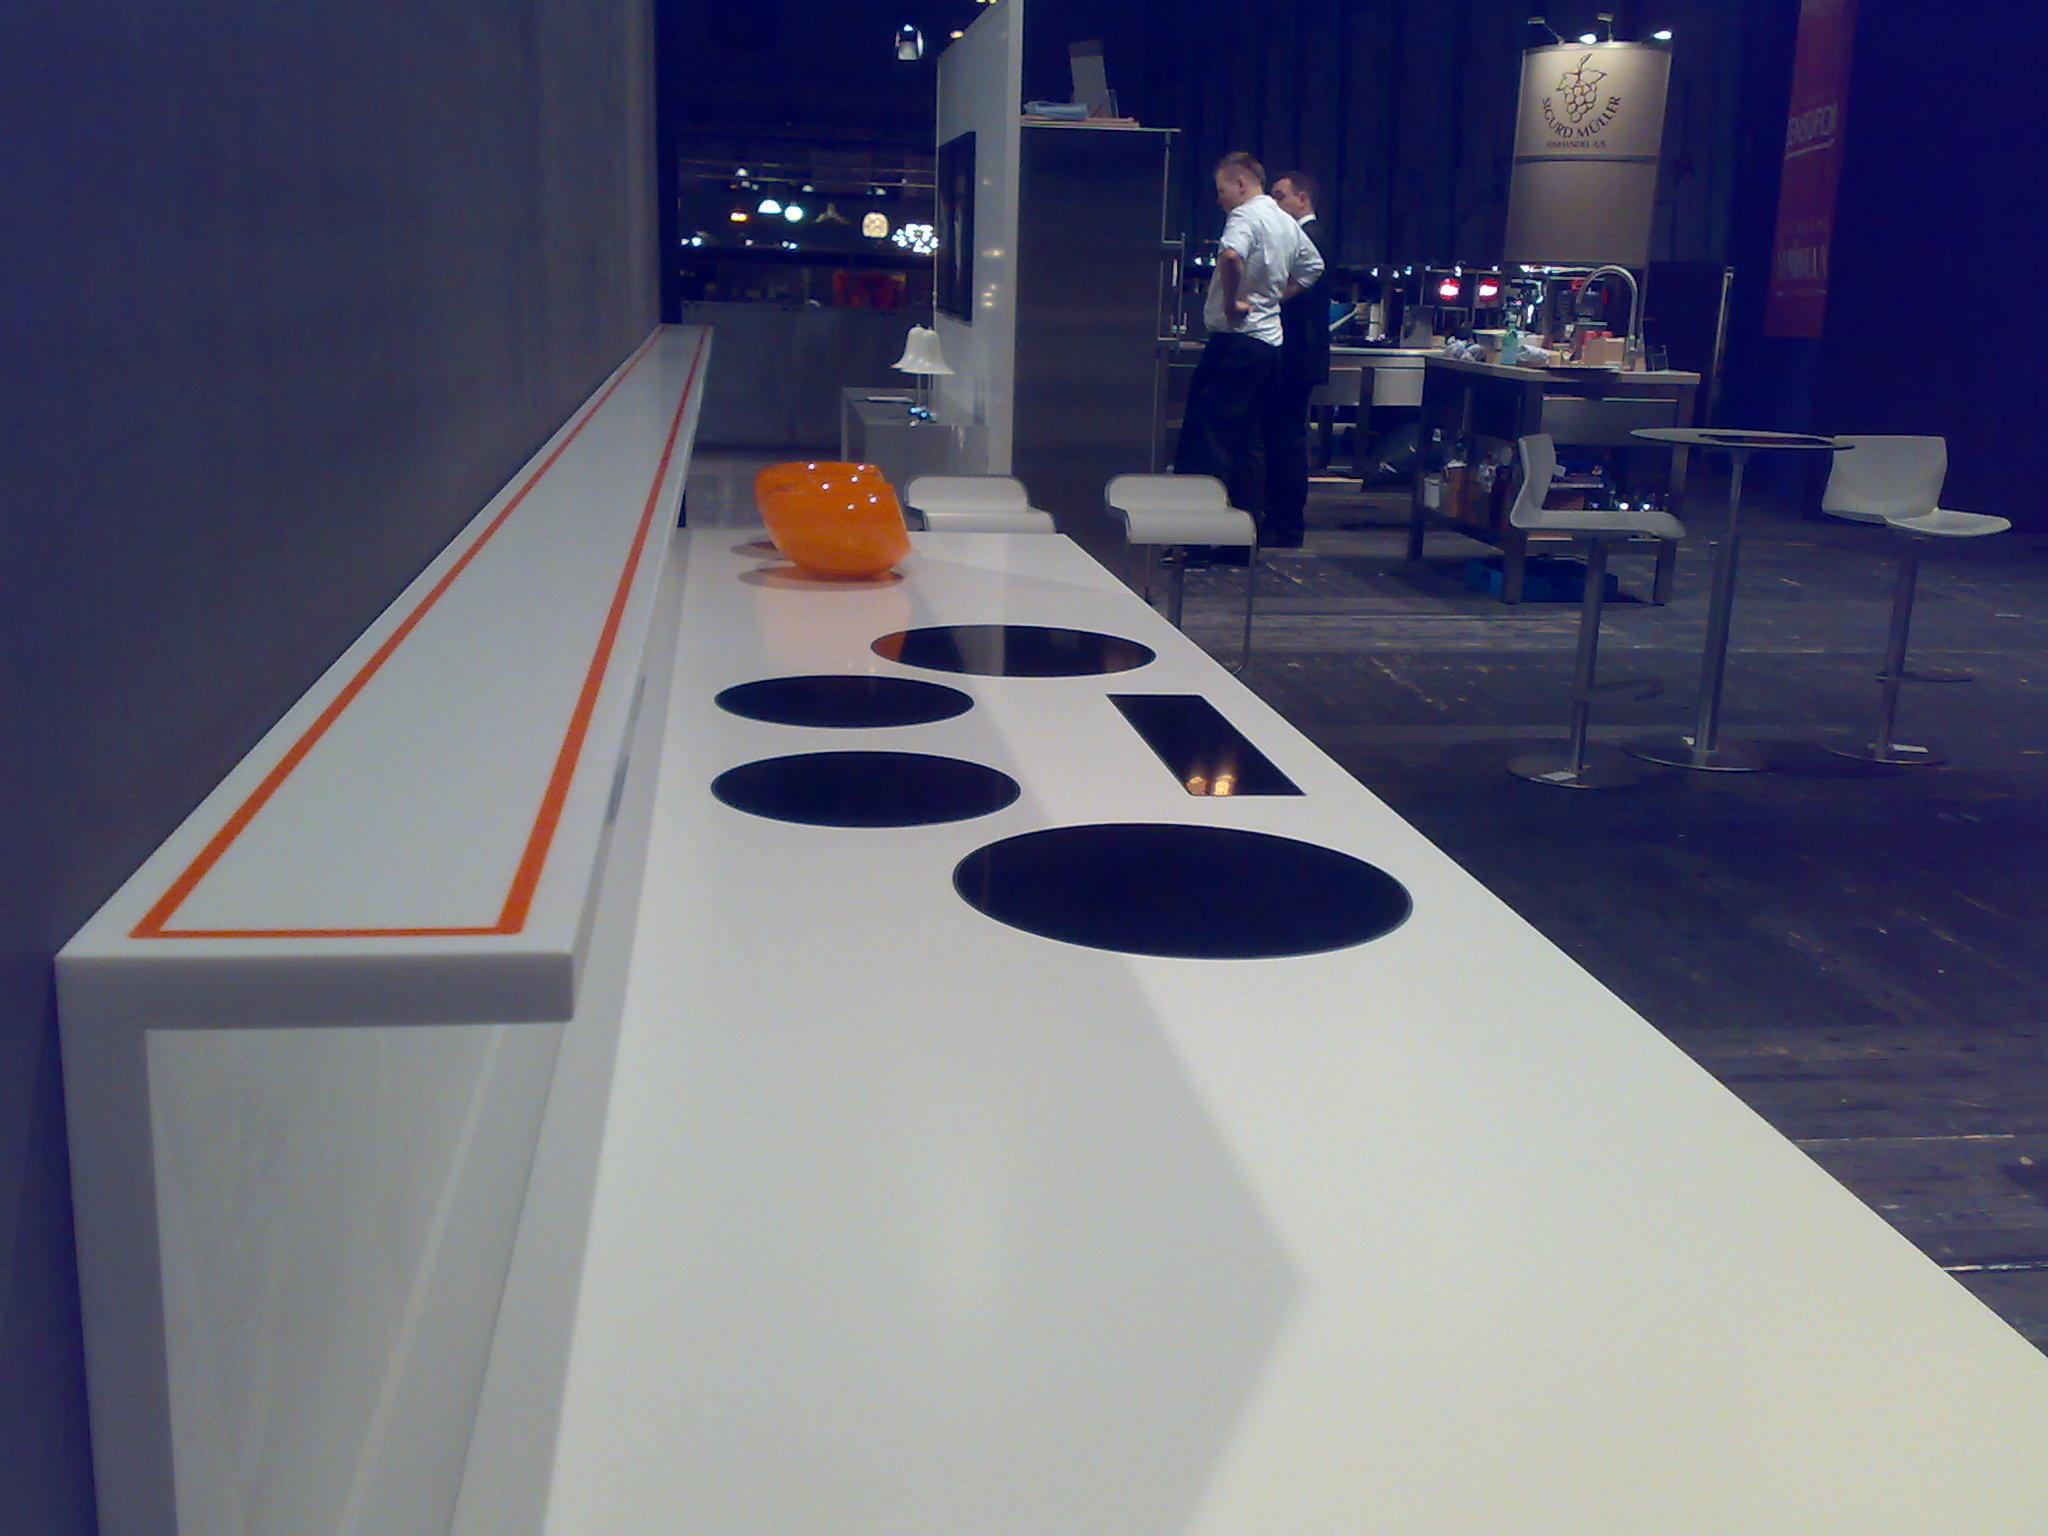 Dupont Corian bordplade med kogesektioner, påsvejst bagkant og krydderihylde. Kryderihylde er udført i to corianfarver.